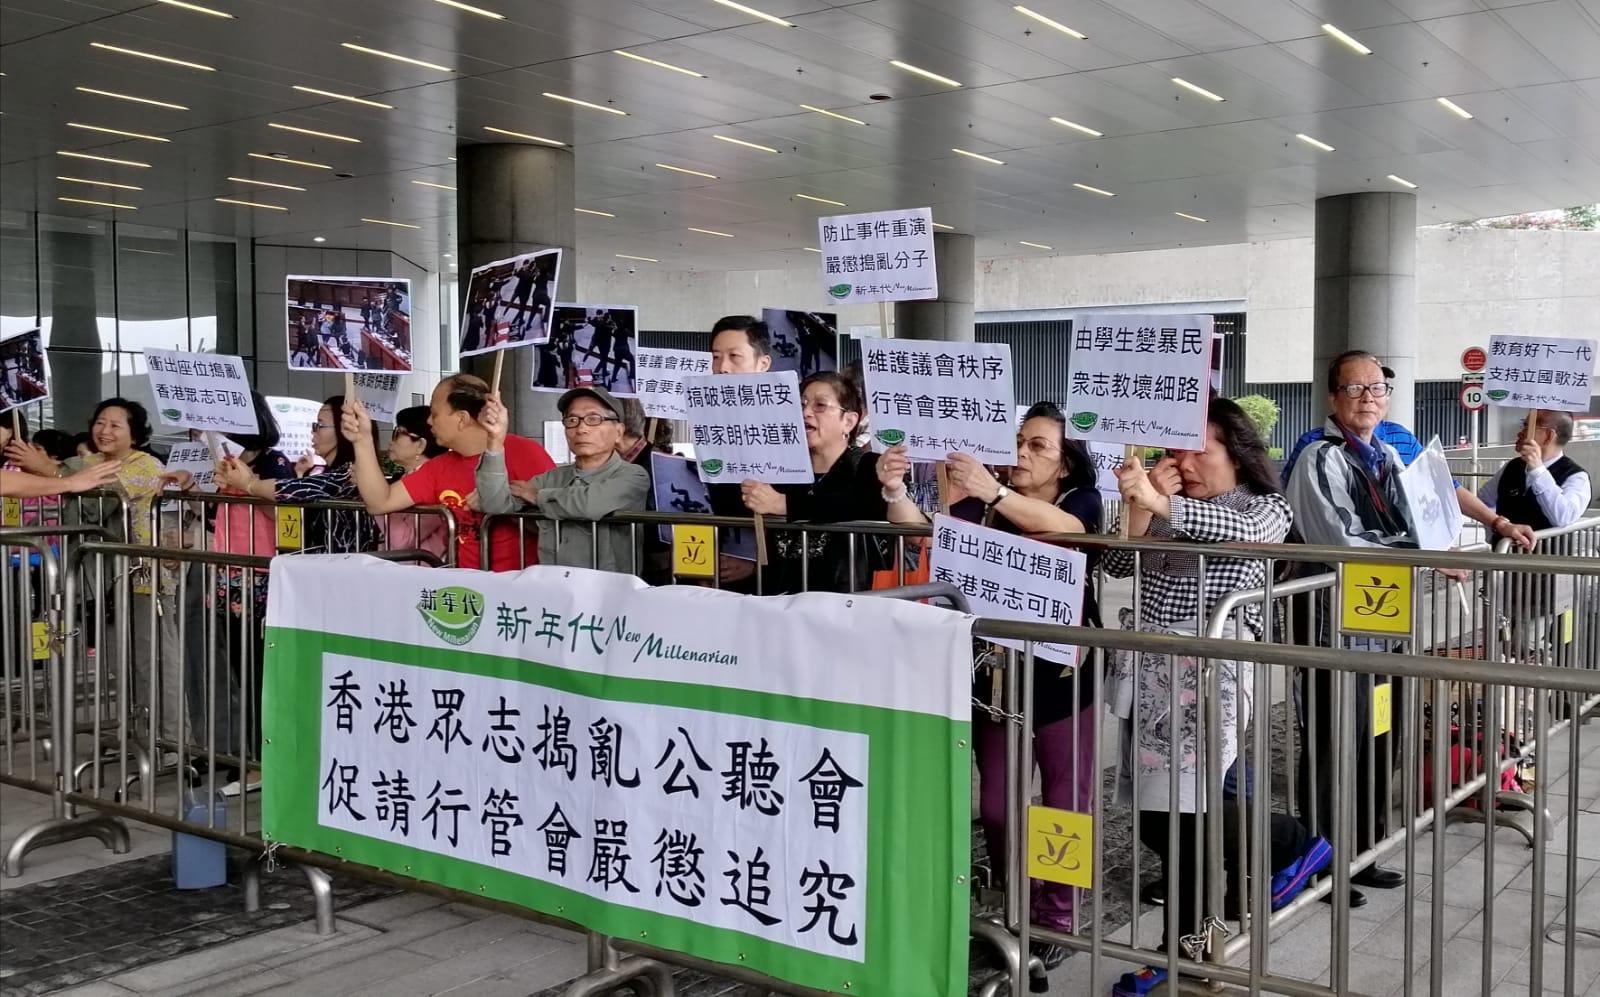 「新年代」主辦嚴懲香港眾志搗亂公聽會」遊行集會-華發網繁體版